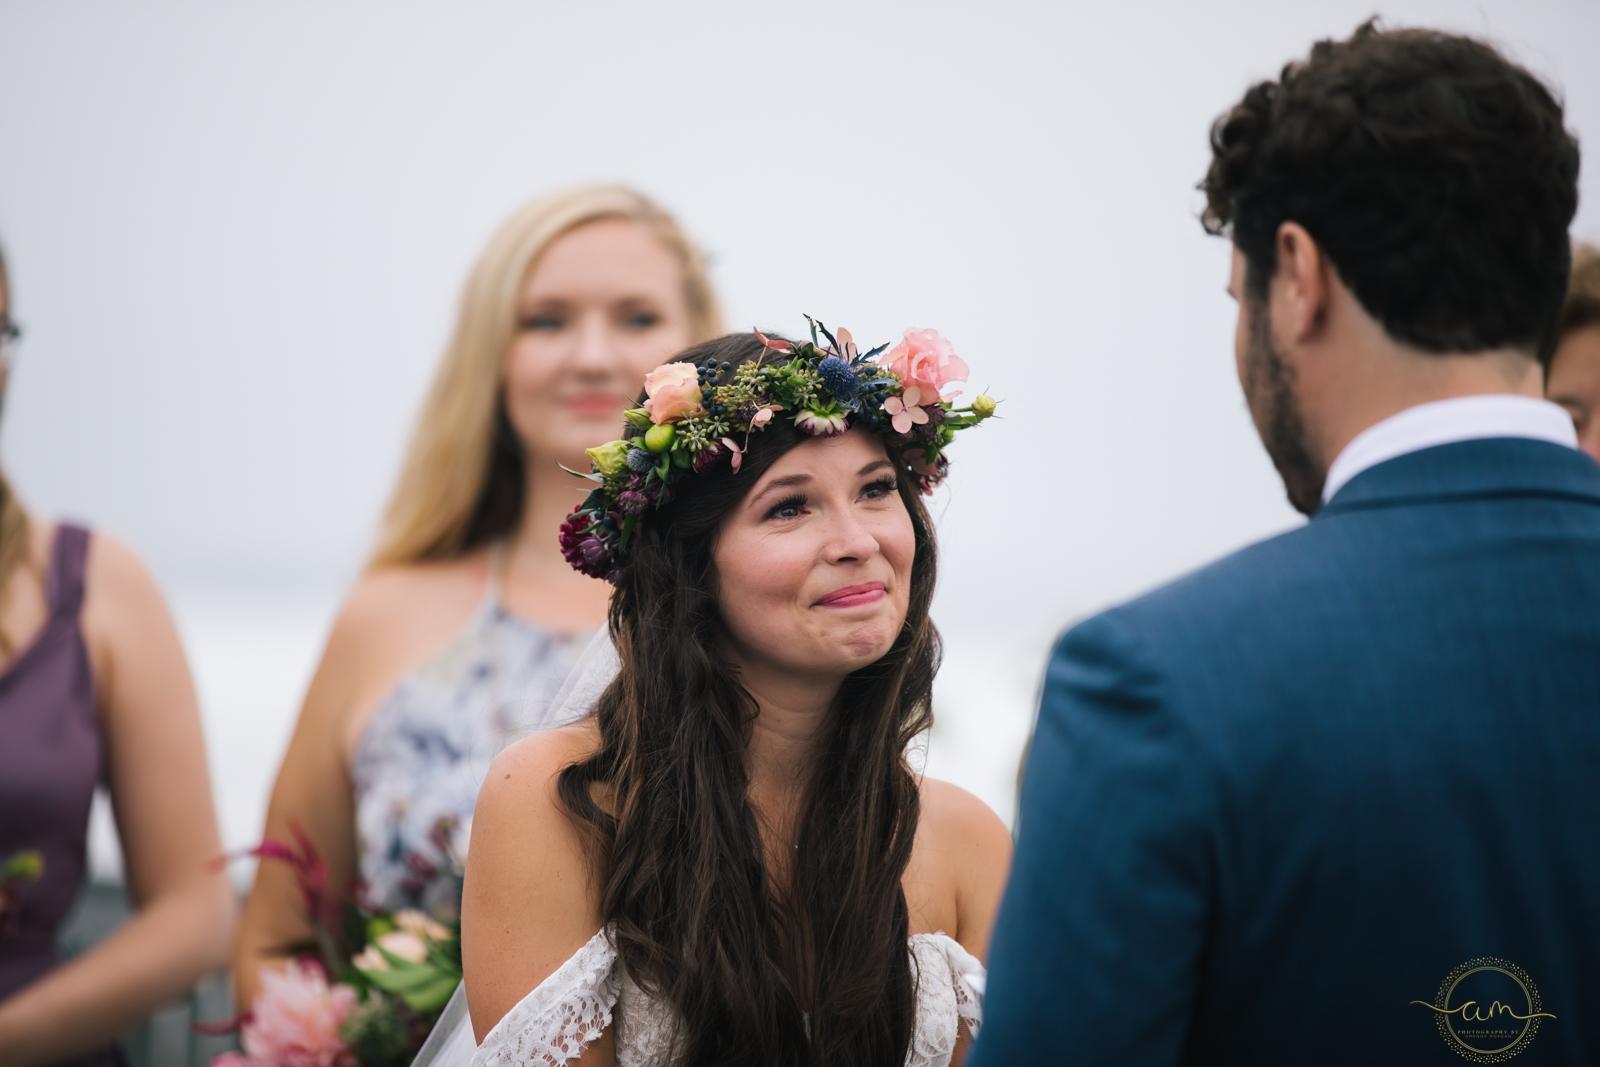 Narragansett-RI-Beach-Wedding-Amanda-Morgan-52.jpg